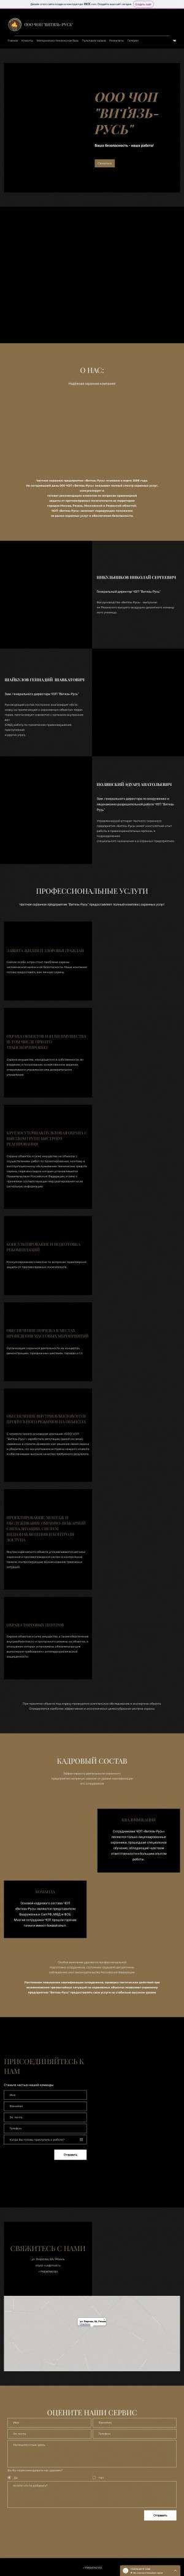 Предпросмотр для ifqrekjdf16.wixsite.com — ЧОП Витязь-Русь